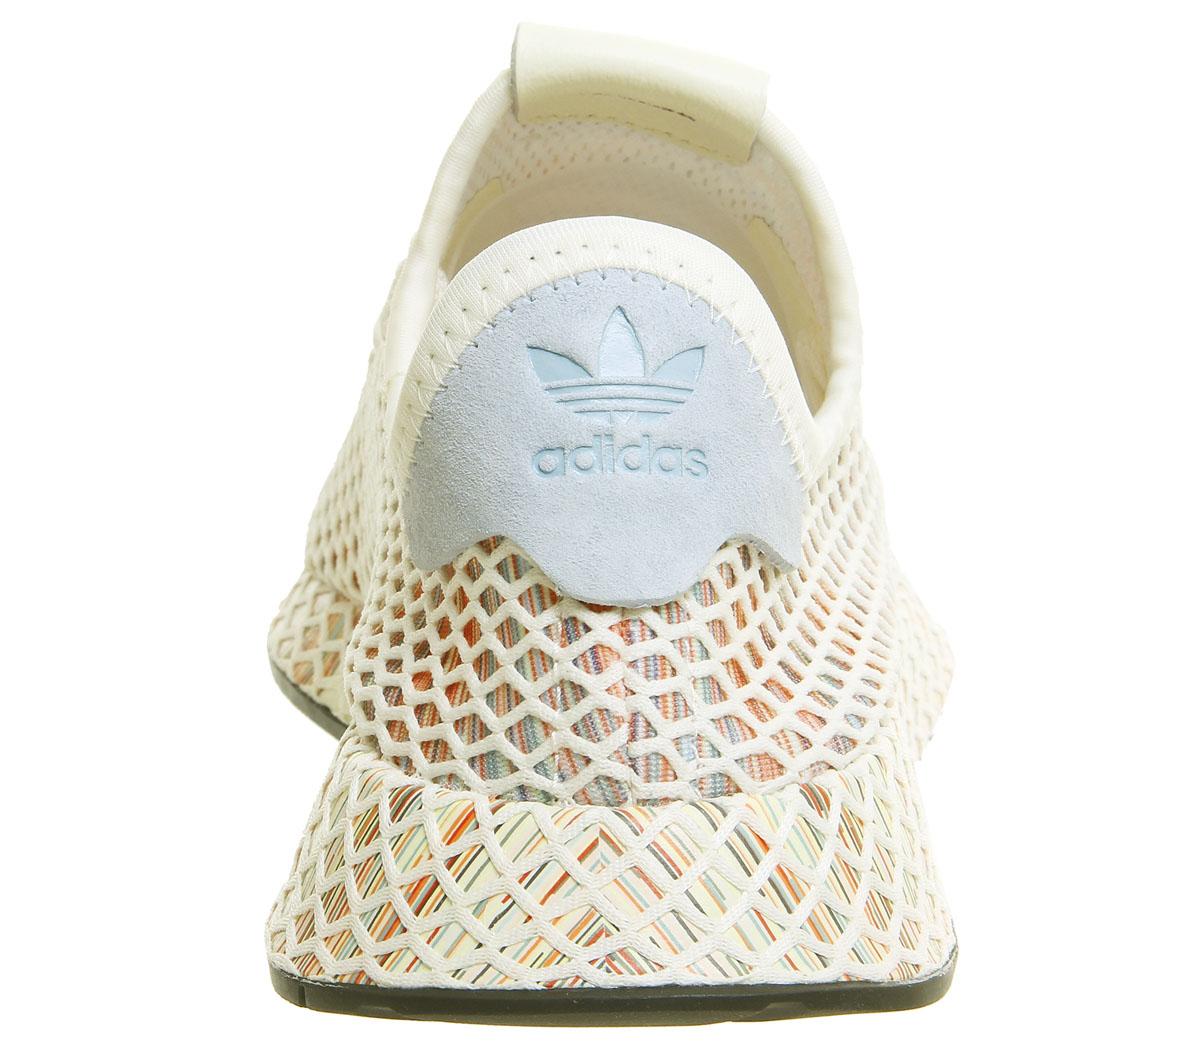 sale retailer 0b40c 670a1 Zapatillas-para-hombre-Adidas-deerupt-orgullo-Nucleo-Blanco-